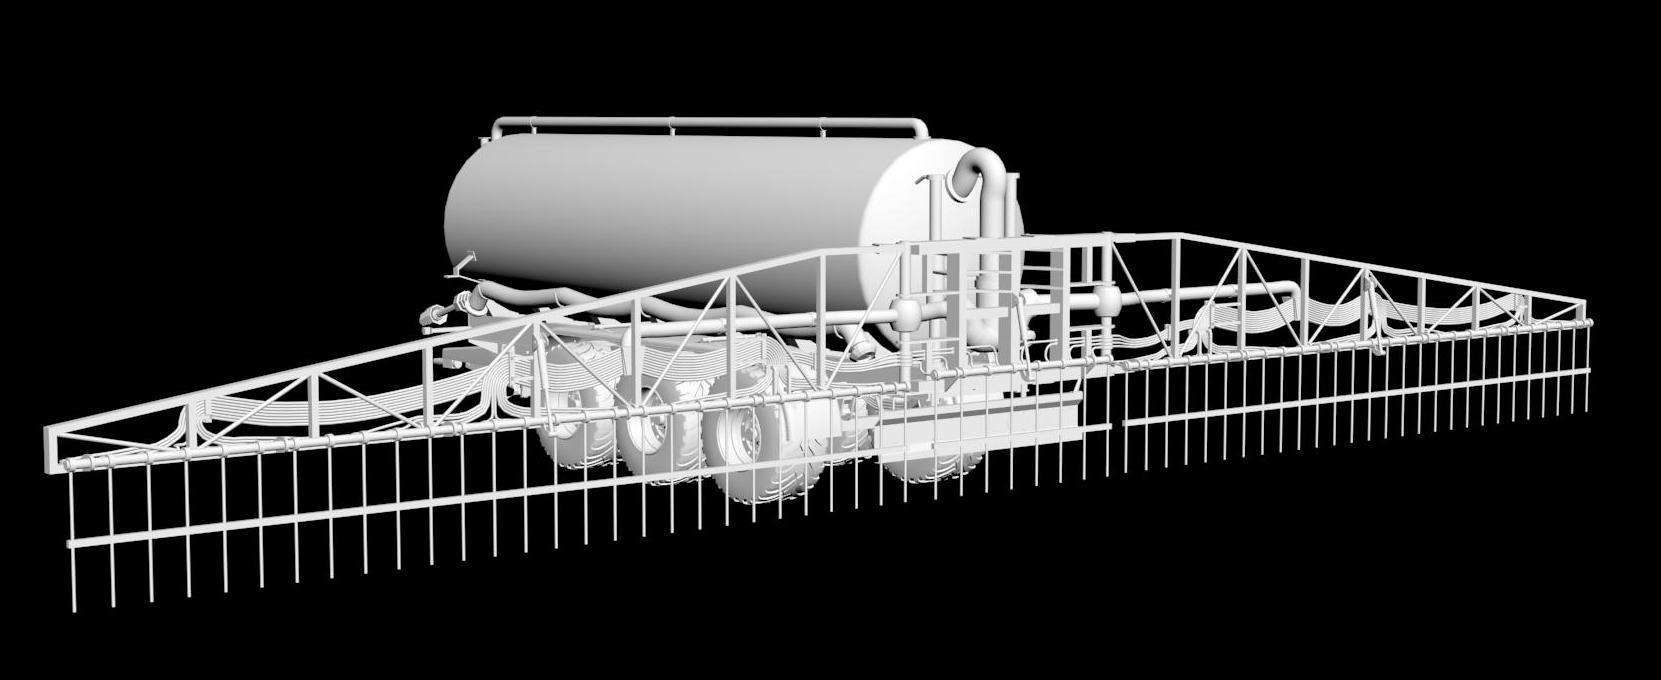 [Encuesta][T.E.P.] Proyecto Aguas Tenias (22 modelos + 1 Camión) [Terminado 21-4-2014]. - Página 5 Cistermatridendebrazo0cu7n